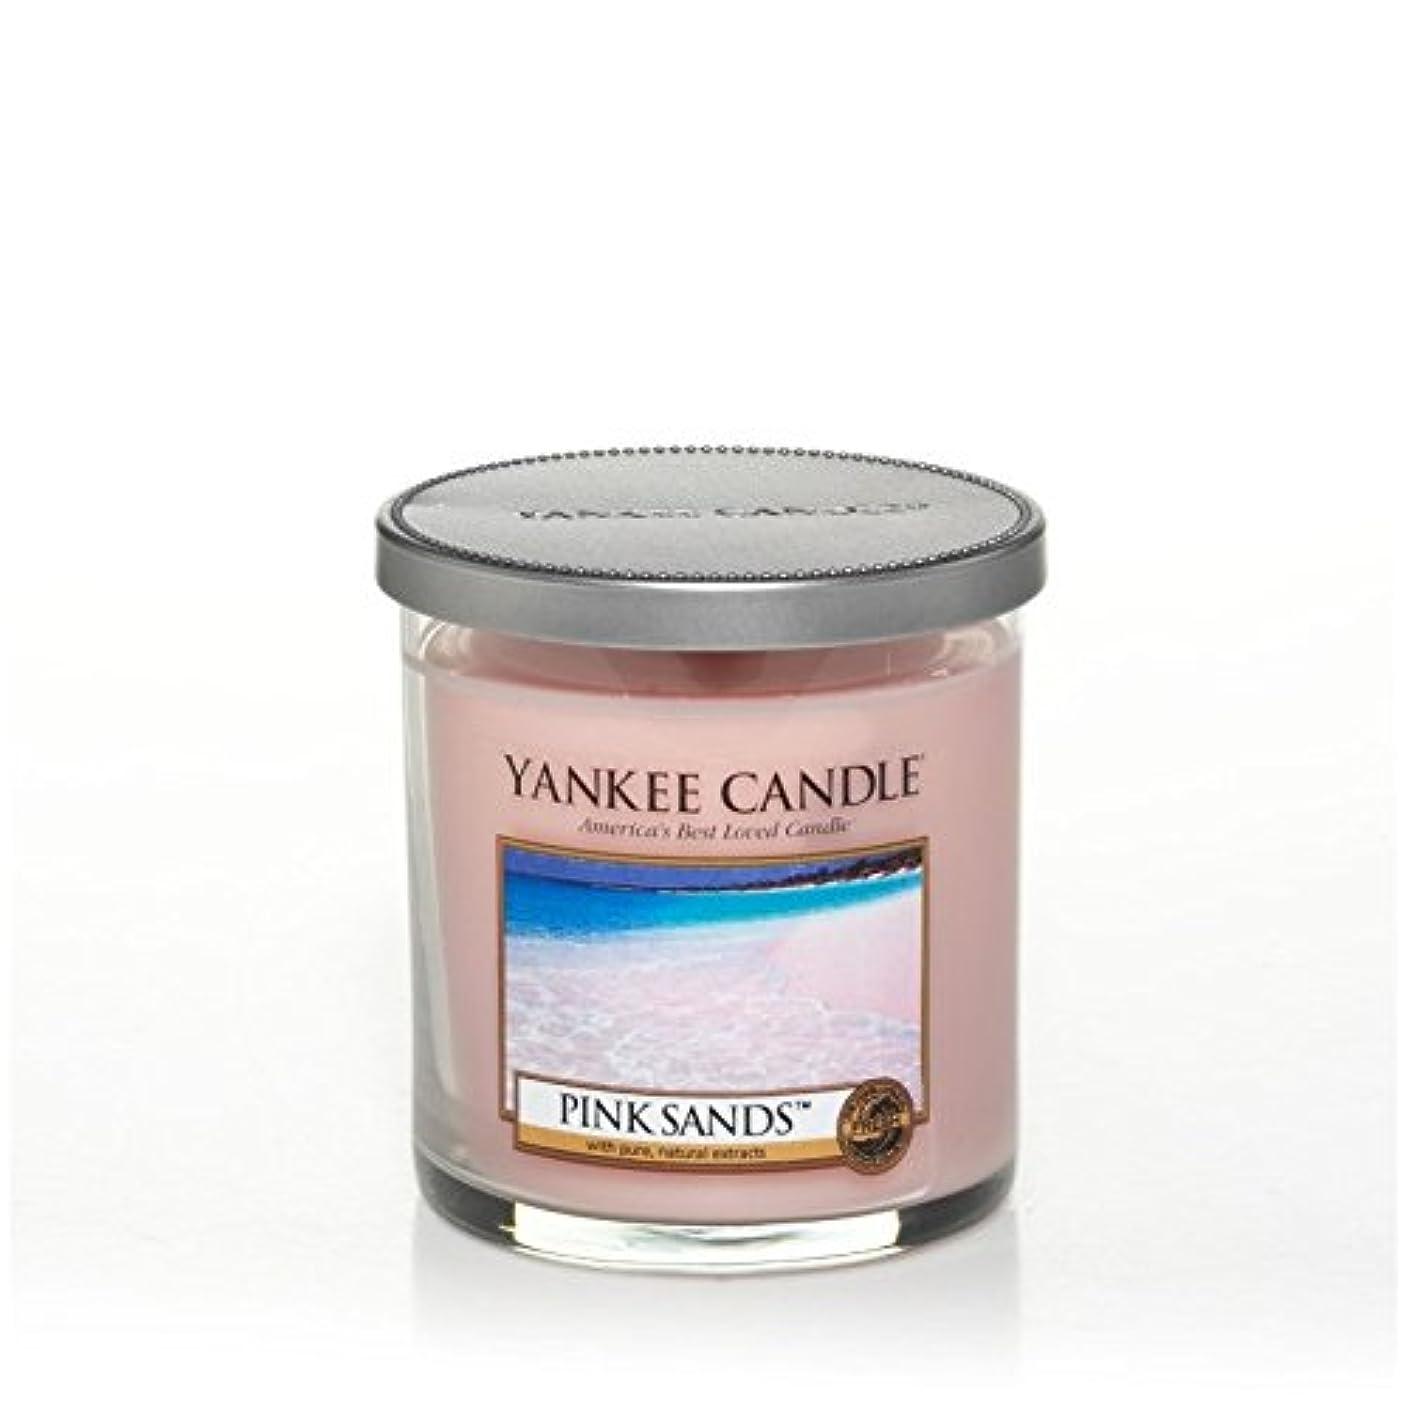 下により平らな置換Yankee Candles Small Pillar Candle - Pink Sands? (Pack of 2) - ヤンキーキャンドルの小さな柱キャンドル - ピンクの砂? (x2) [並行輸入品]